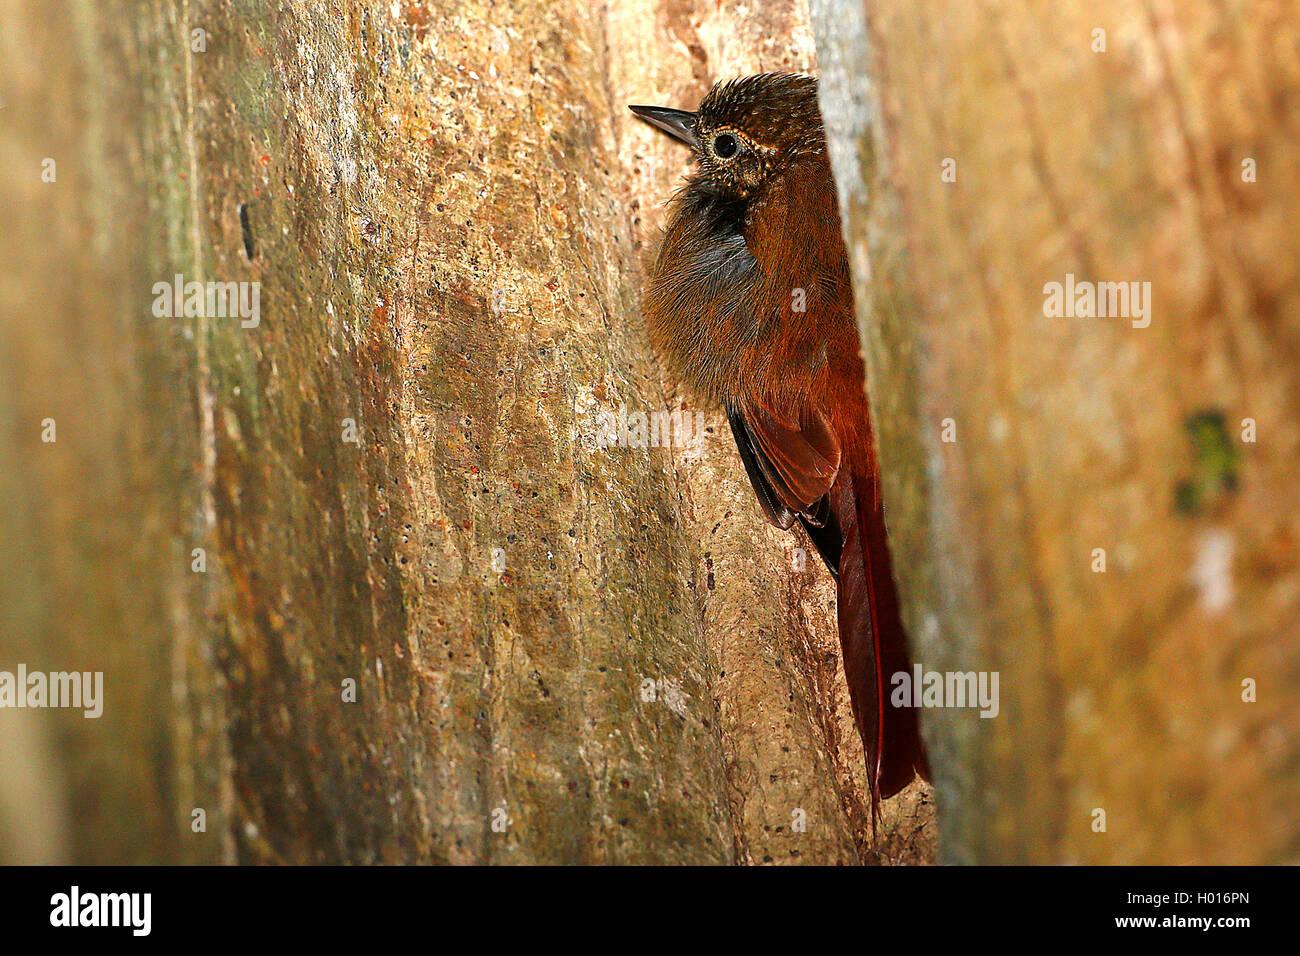 Rindenpicker, Keilschnabel-Baumsteiger, Keilschnabelbaumsteiger (Glyphorhynchus spirurus), zwischen zwei Baumstaemmen, - Stock Image